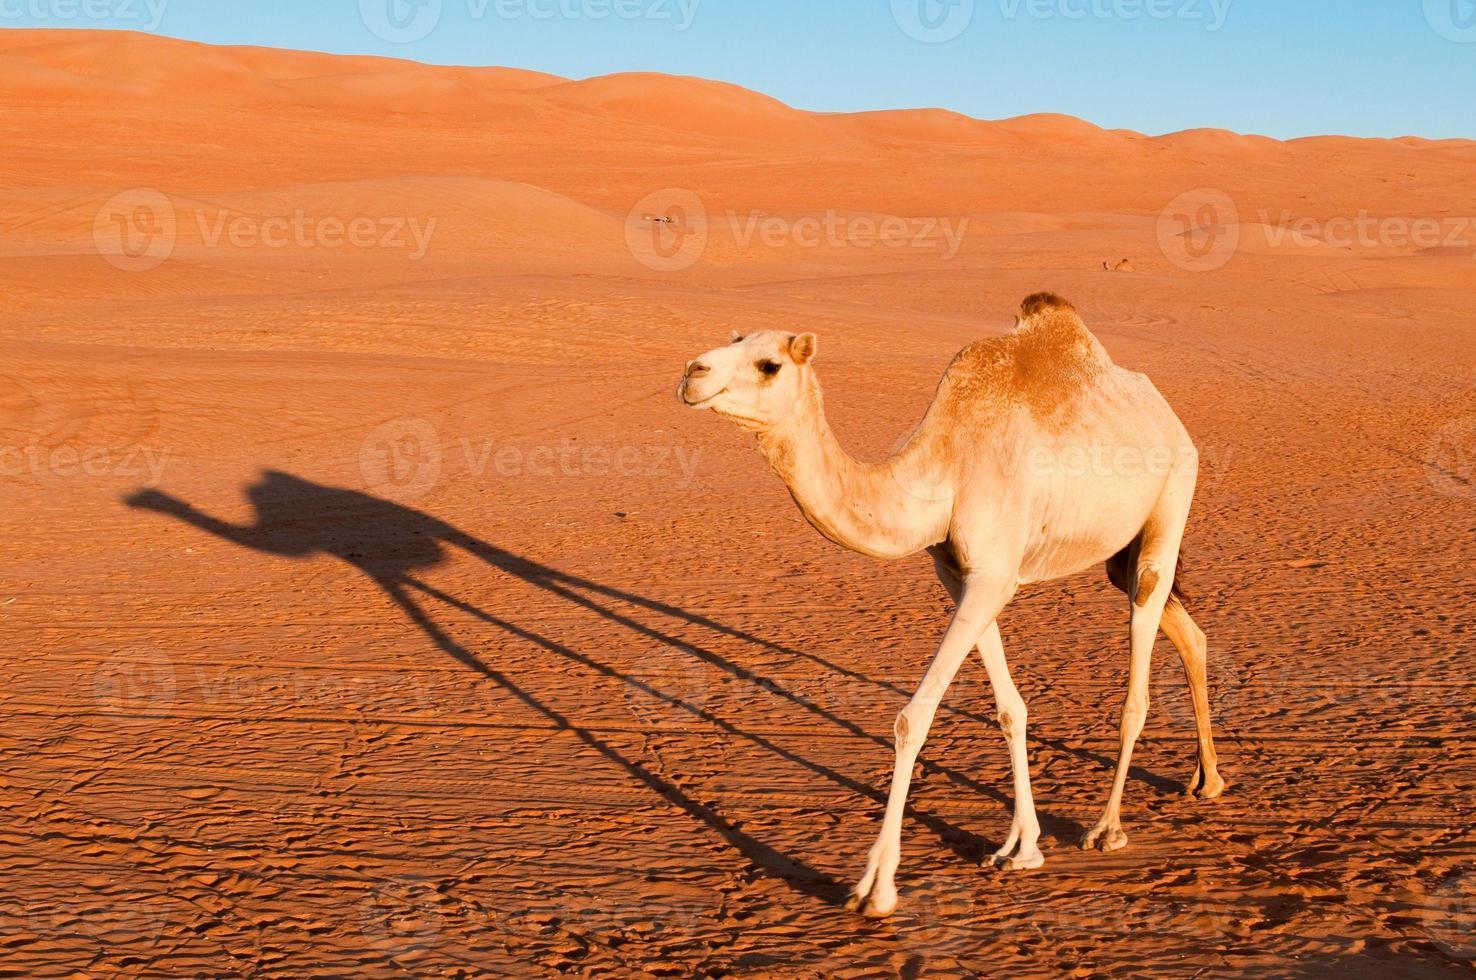 Kamel in der Wüste foto